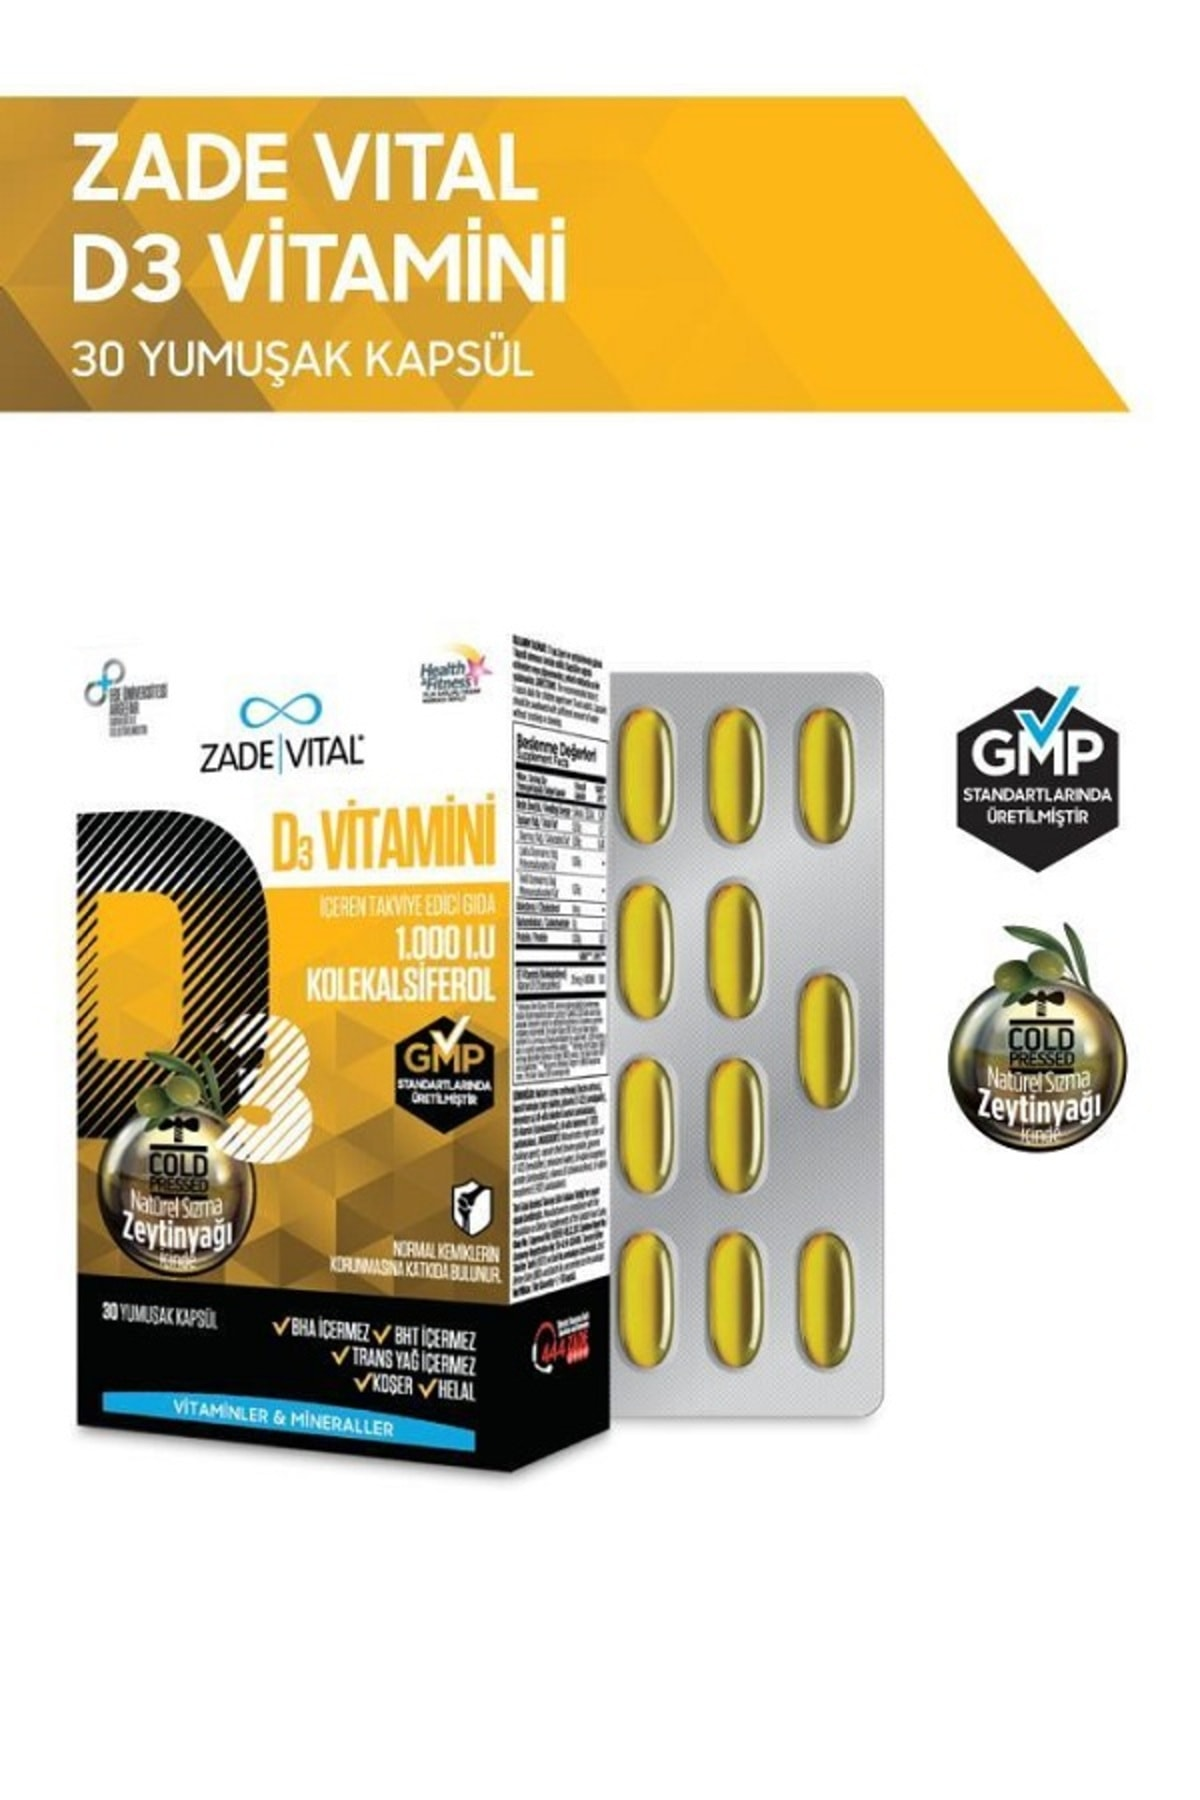 D3 Vitamini 30 Yumuşak Kapsül - 1.000 I.U.